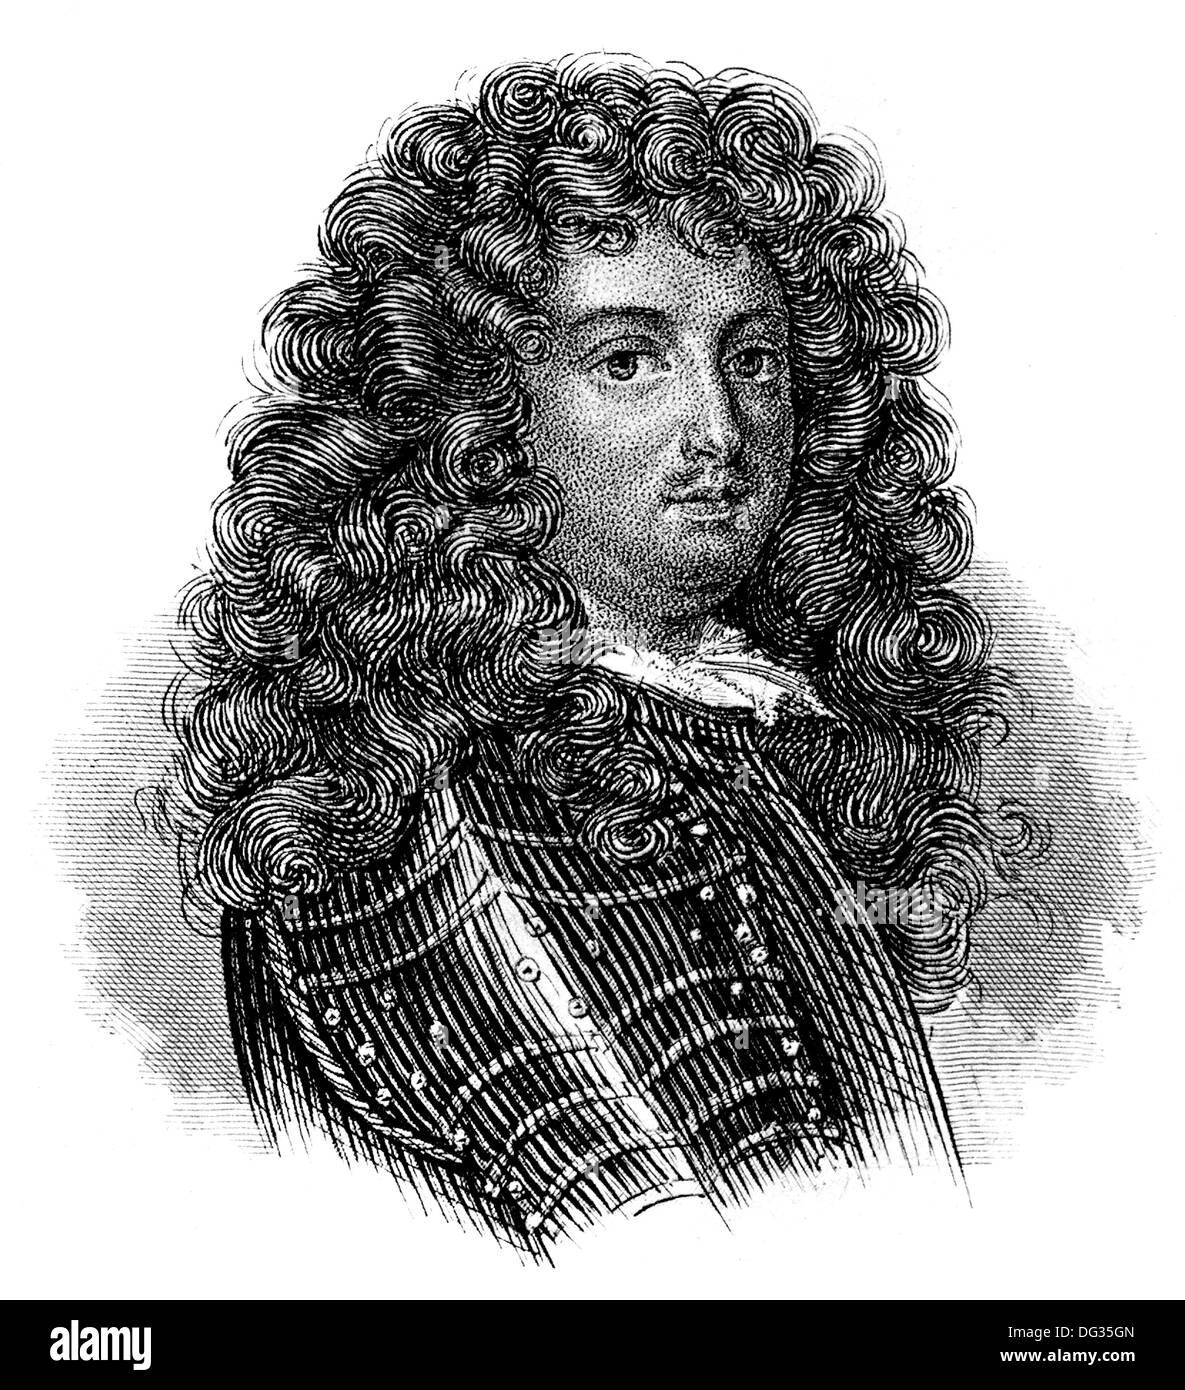 Portrait de Louis XIV, Louis le Grand, 1638 - 1715, Roi de France et de Navarre, appelé le roi soleil ou le Roi Banque D'Images